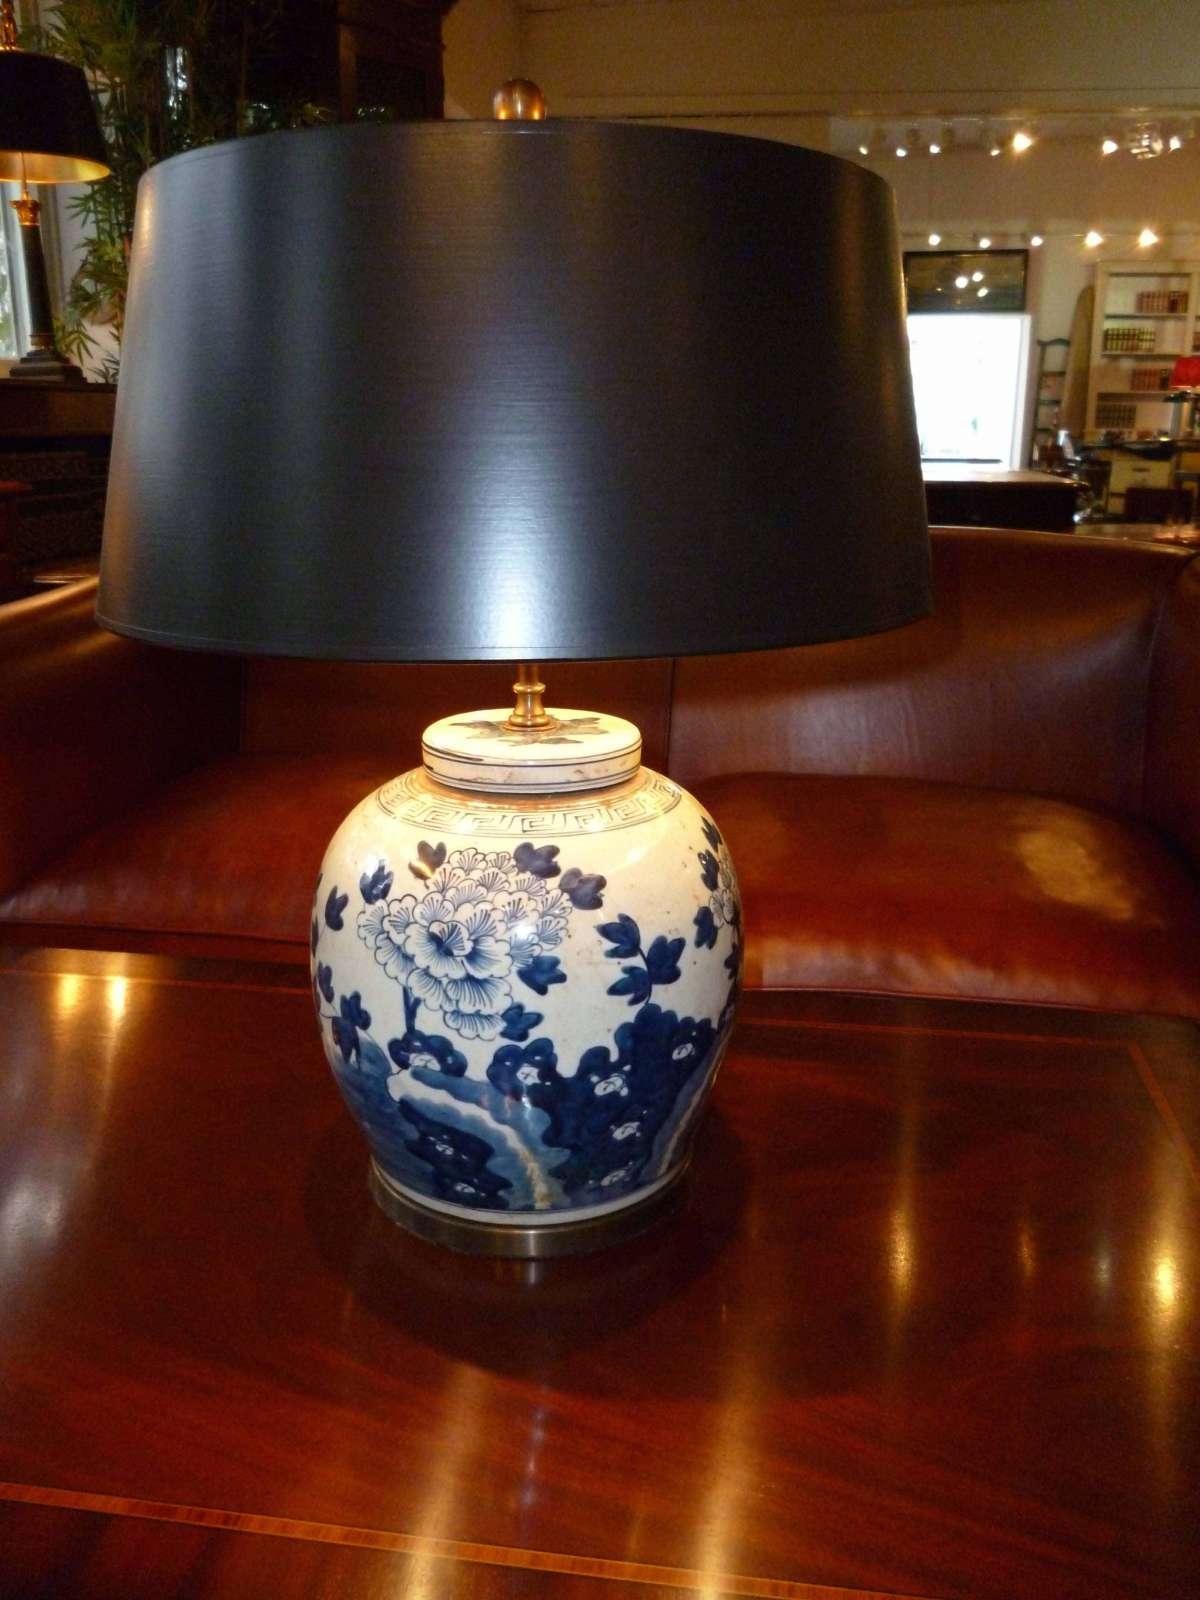 chinesische vasenlampe lampen von kai. Black Bedroom Furniture Sets. Home Design Ideas